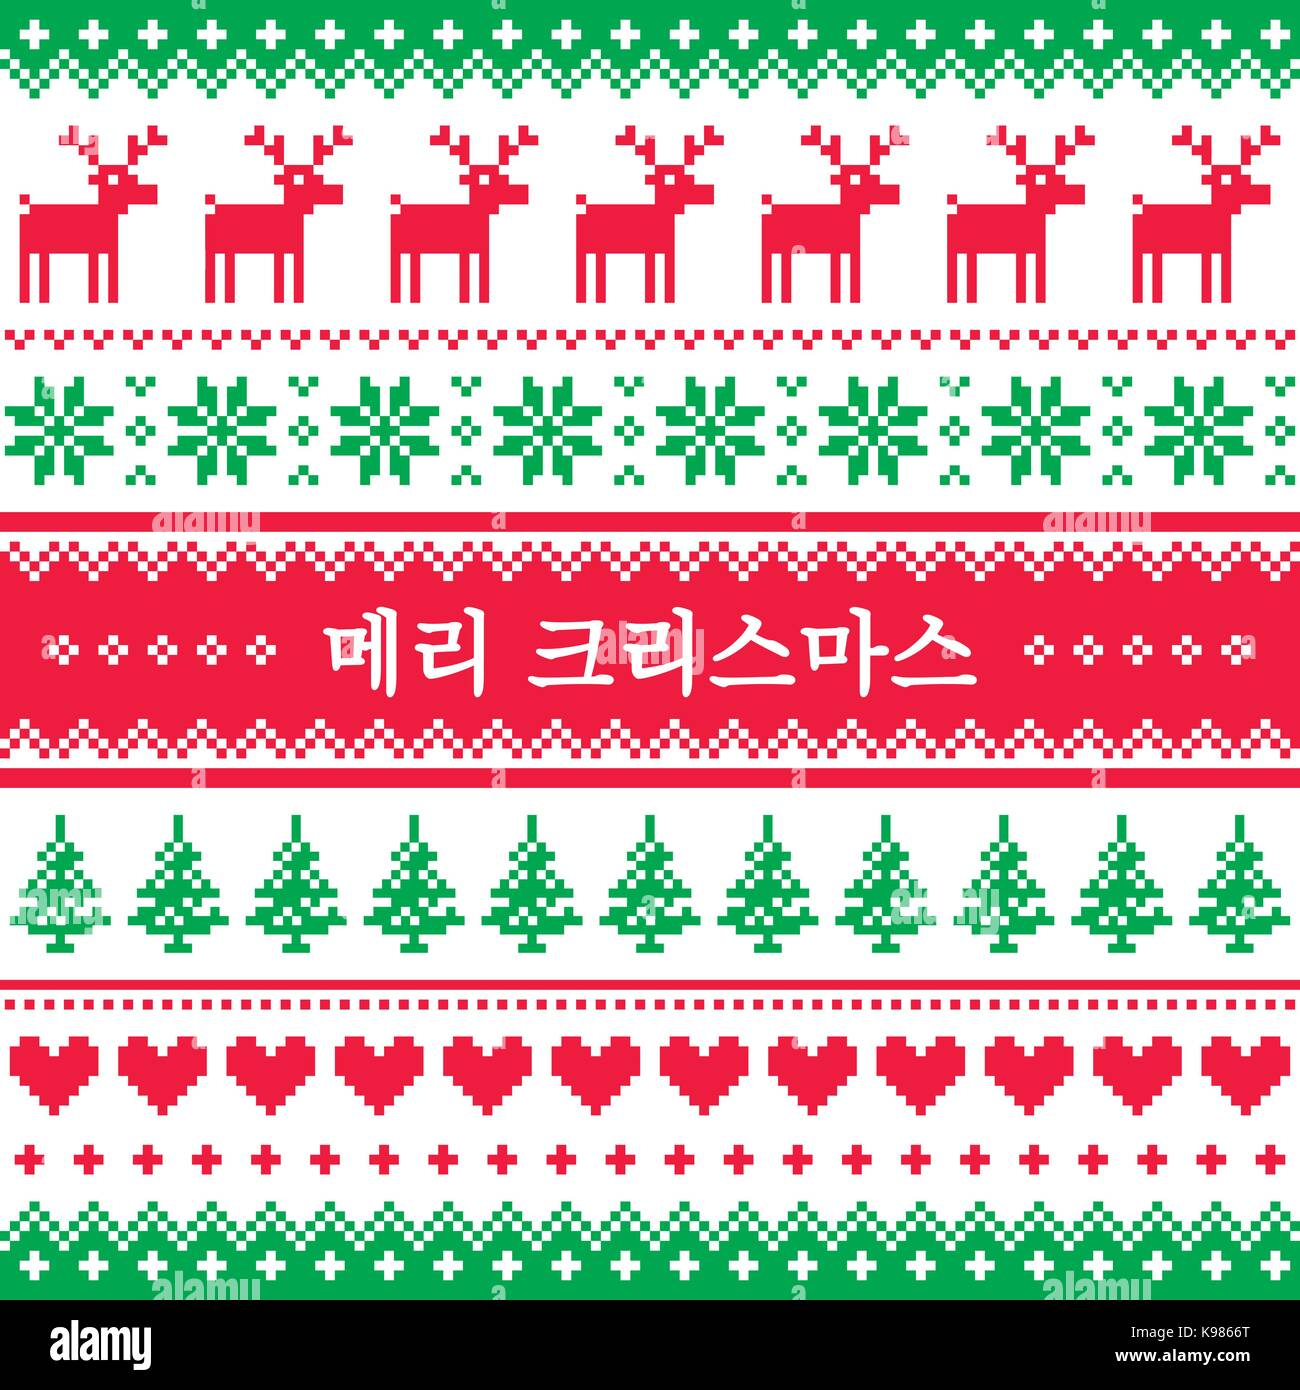 Koreanisch Frohe Weihnachten.Frohe Weihnachten In Koreanischen Grusskarte Nordische Oder